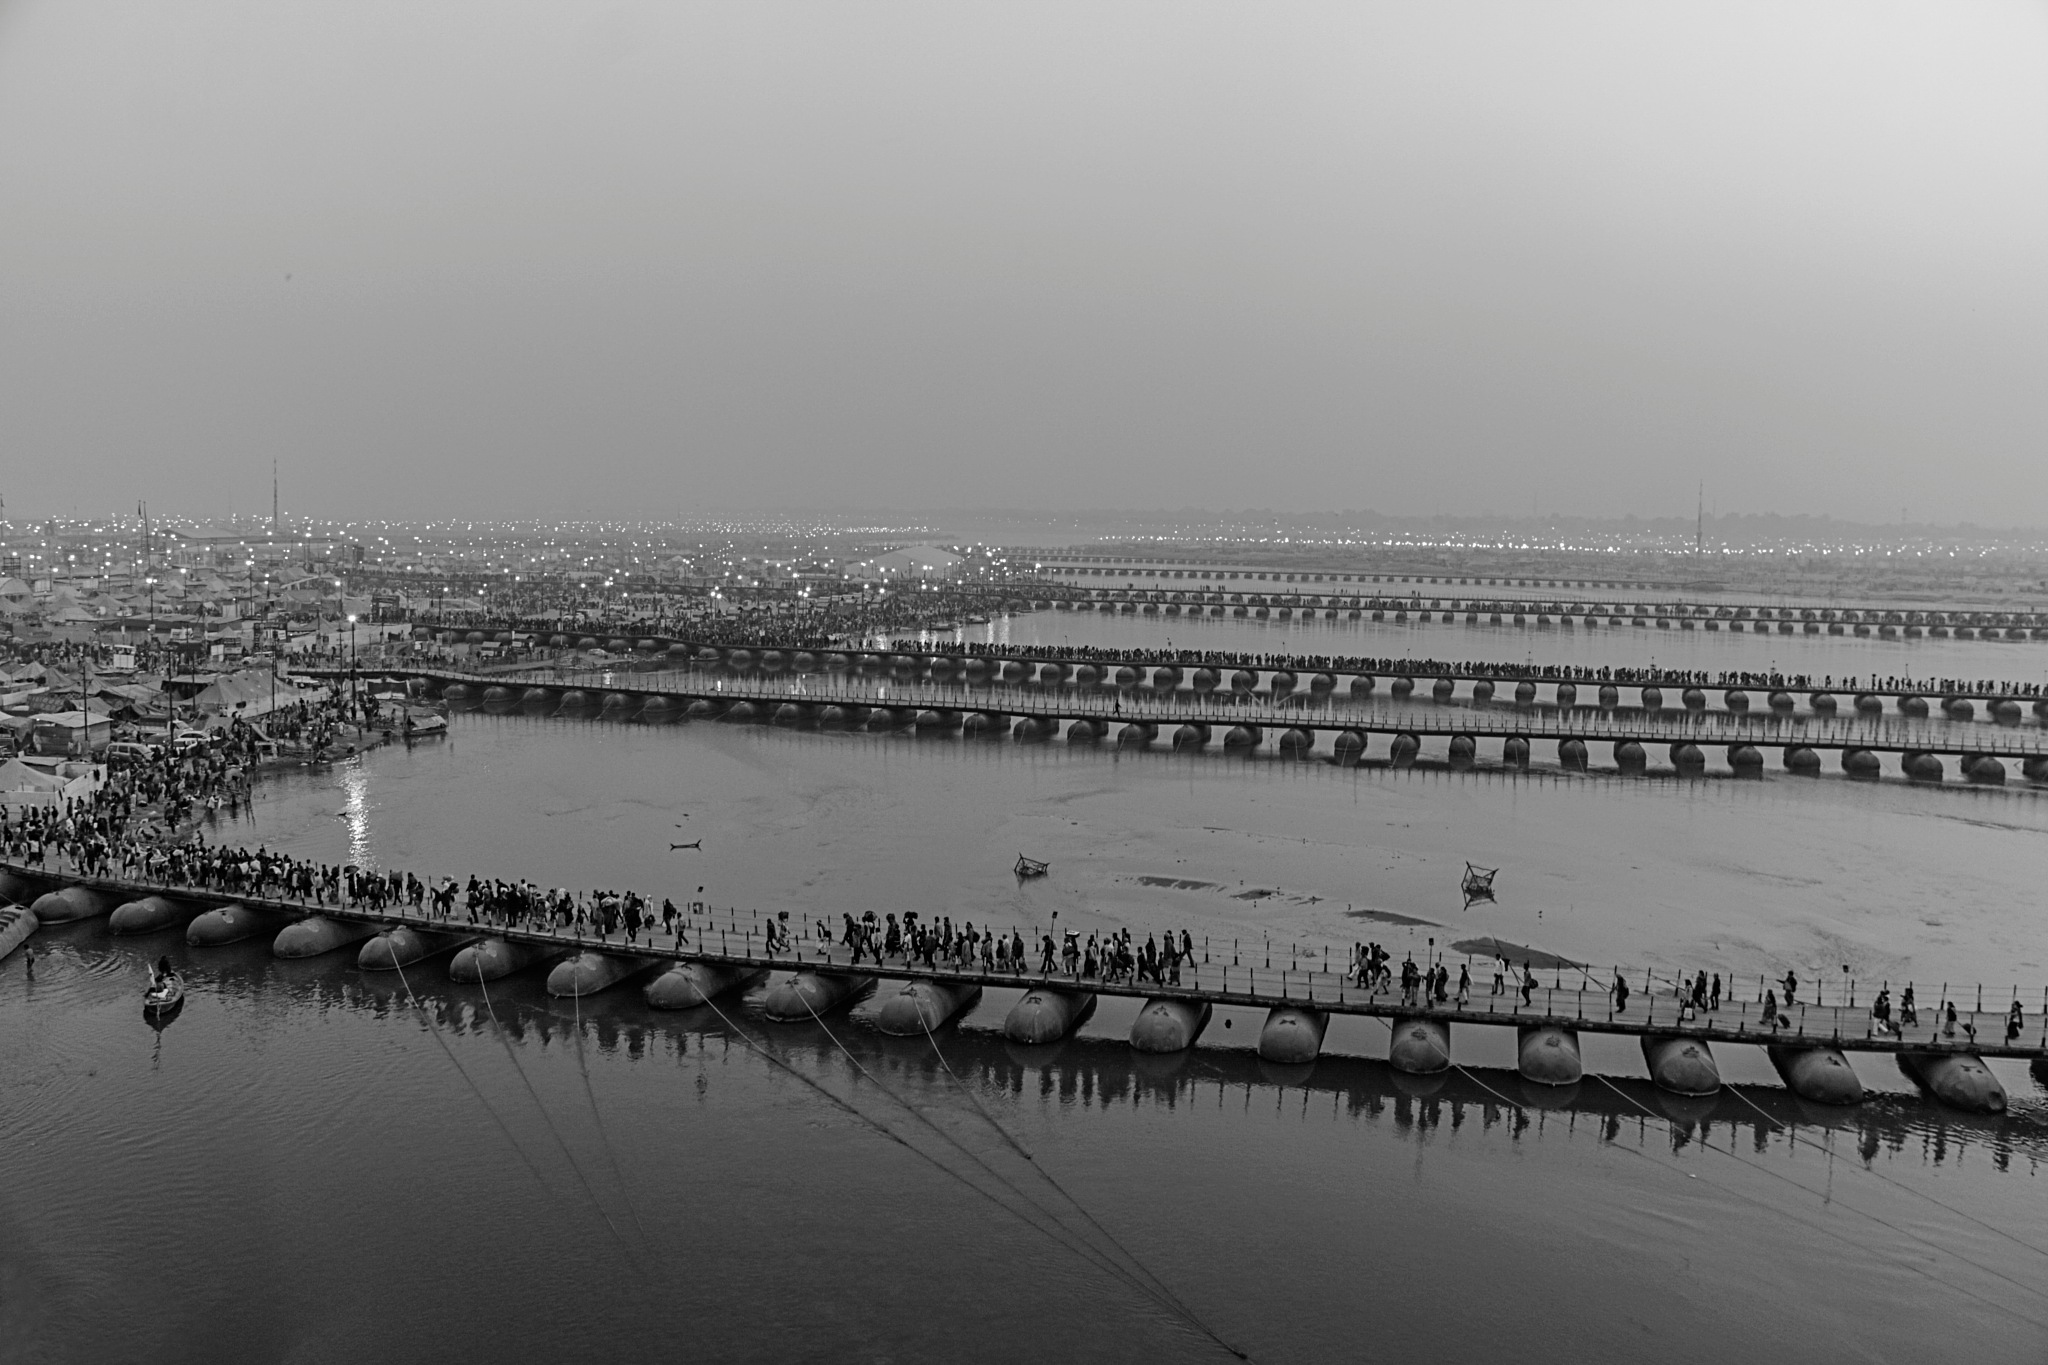 Ardh Kumbh Mela by Radhakrishna Rao